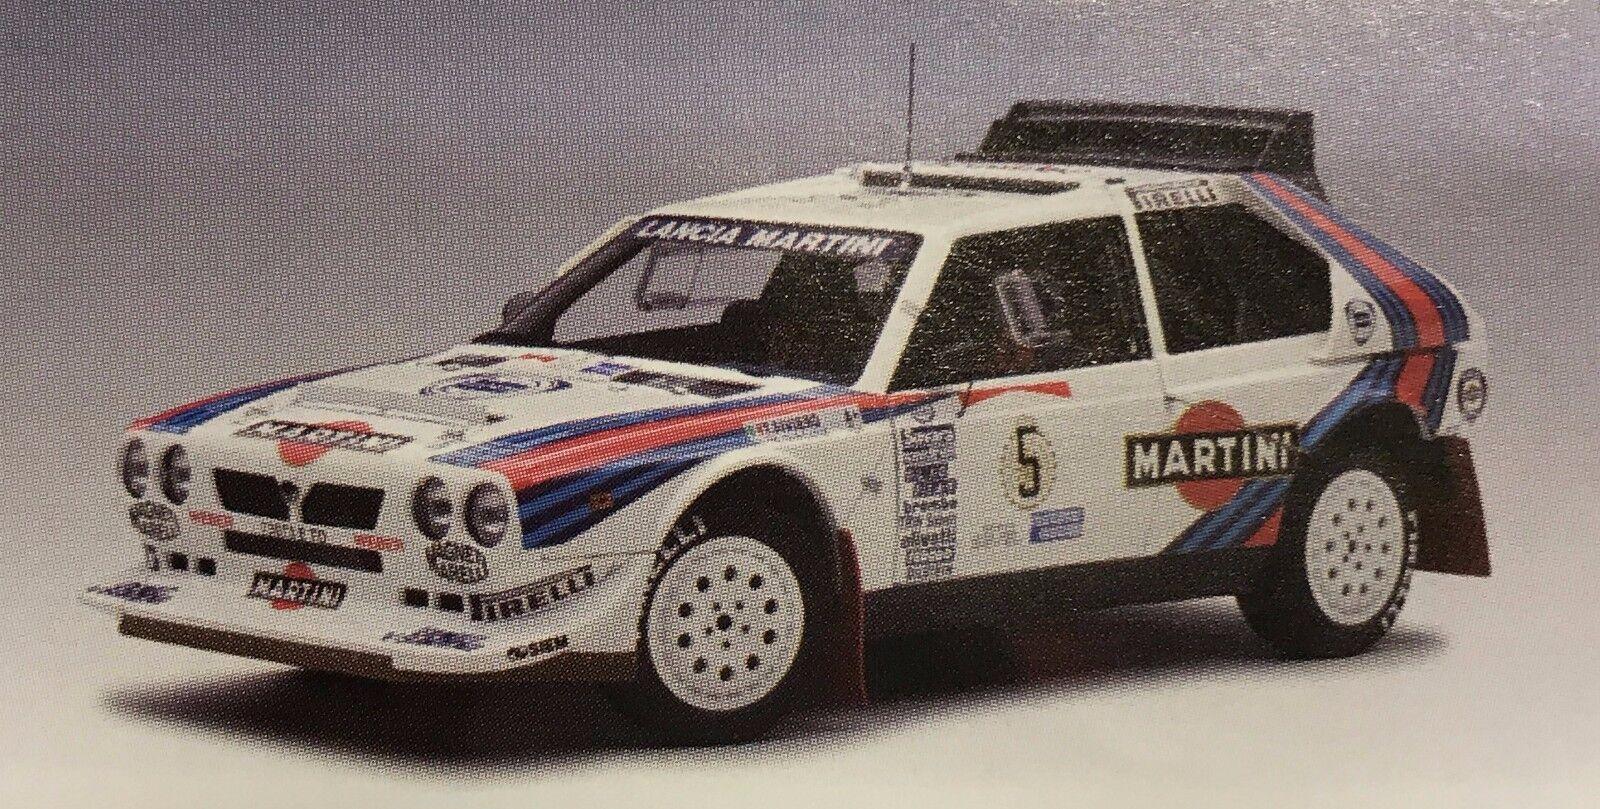 Le rythme cardiaque est pire que l'action! l'action! l'action! Lancia delta s4 Rally Winner Argentinia 1986 #5 1:18 AUTOart | économique Et Pratique  | De La Mode  117116